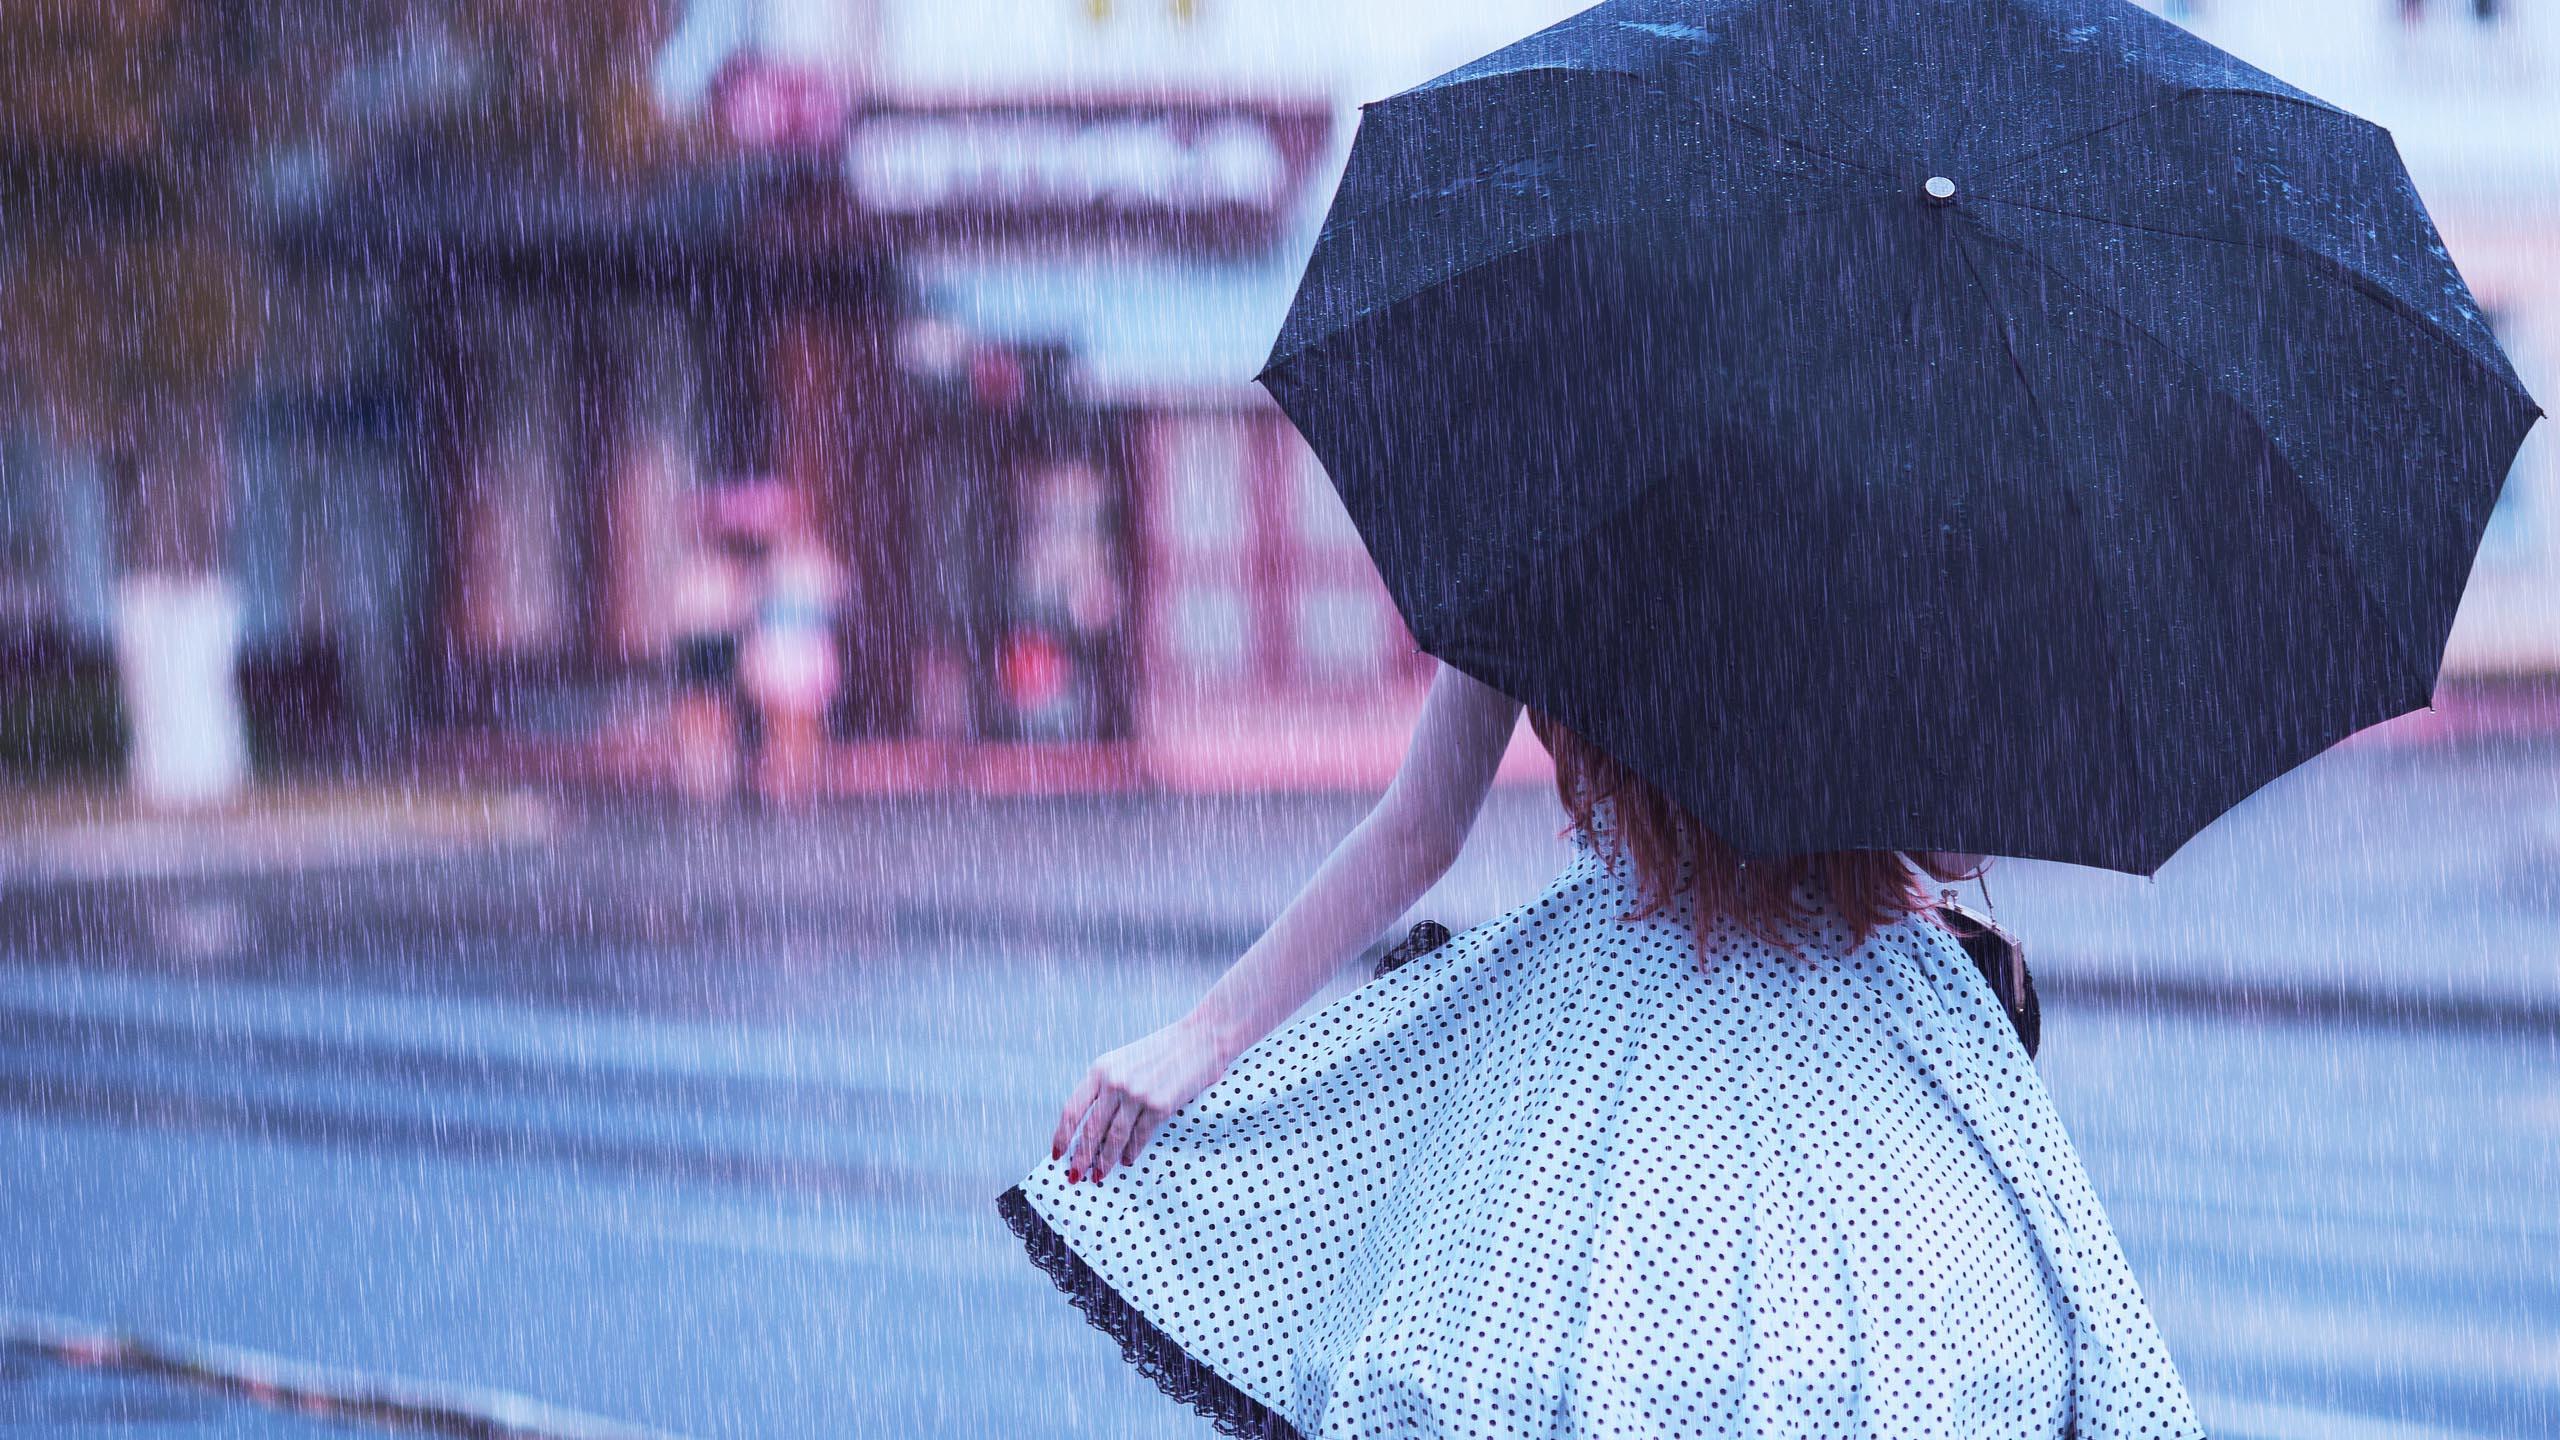 太温暖了!羞于启齿的事也变得堂堂正正了!这次暴雨除了团结你还看到了什么?